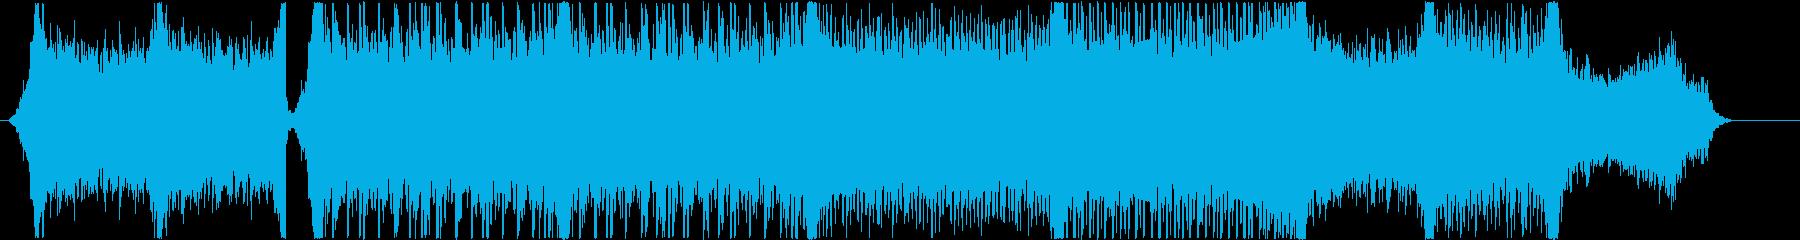 ストリングスメインの映画予告風BGM2の再生済みの波形